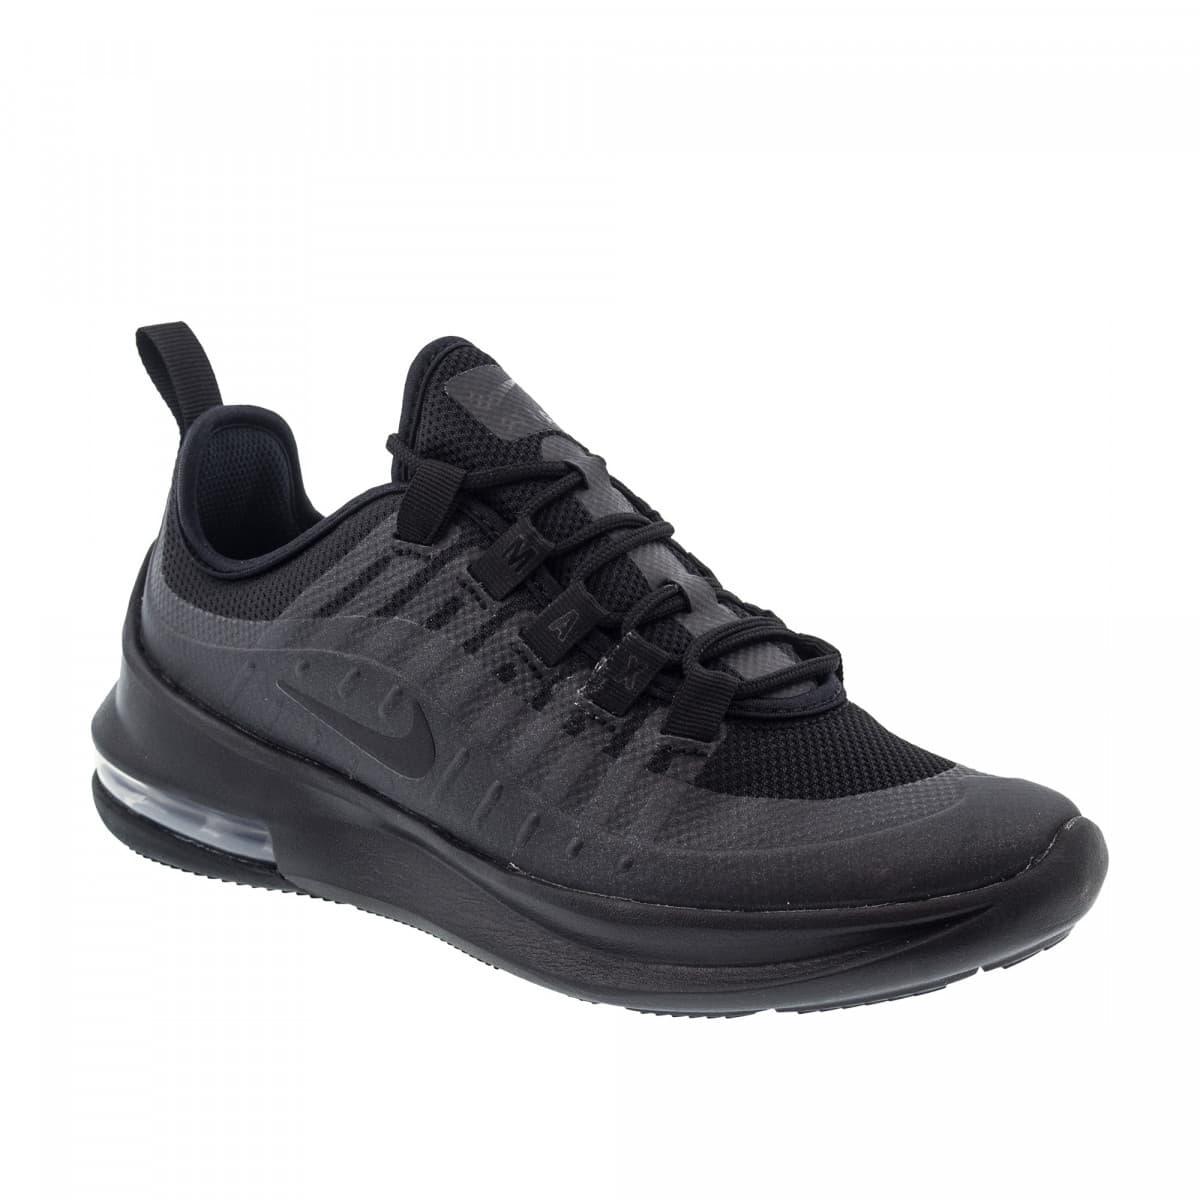 Air Max Axis Çocuk Siyah Koşu Ayakkabısı